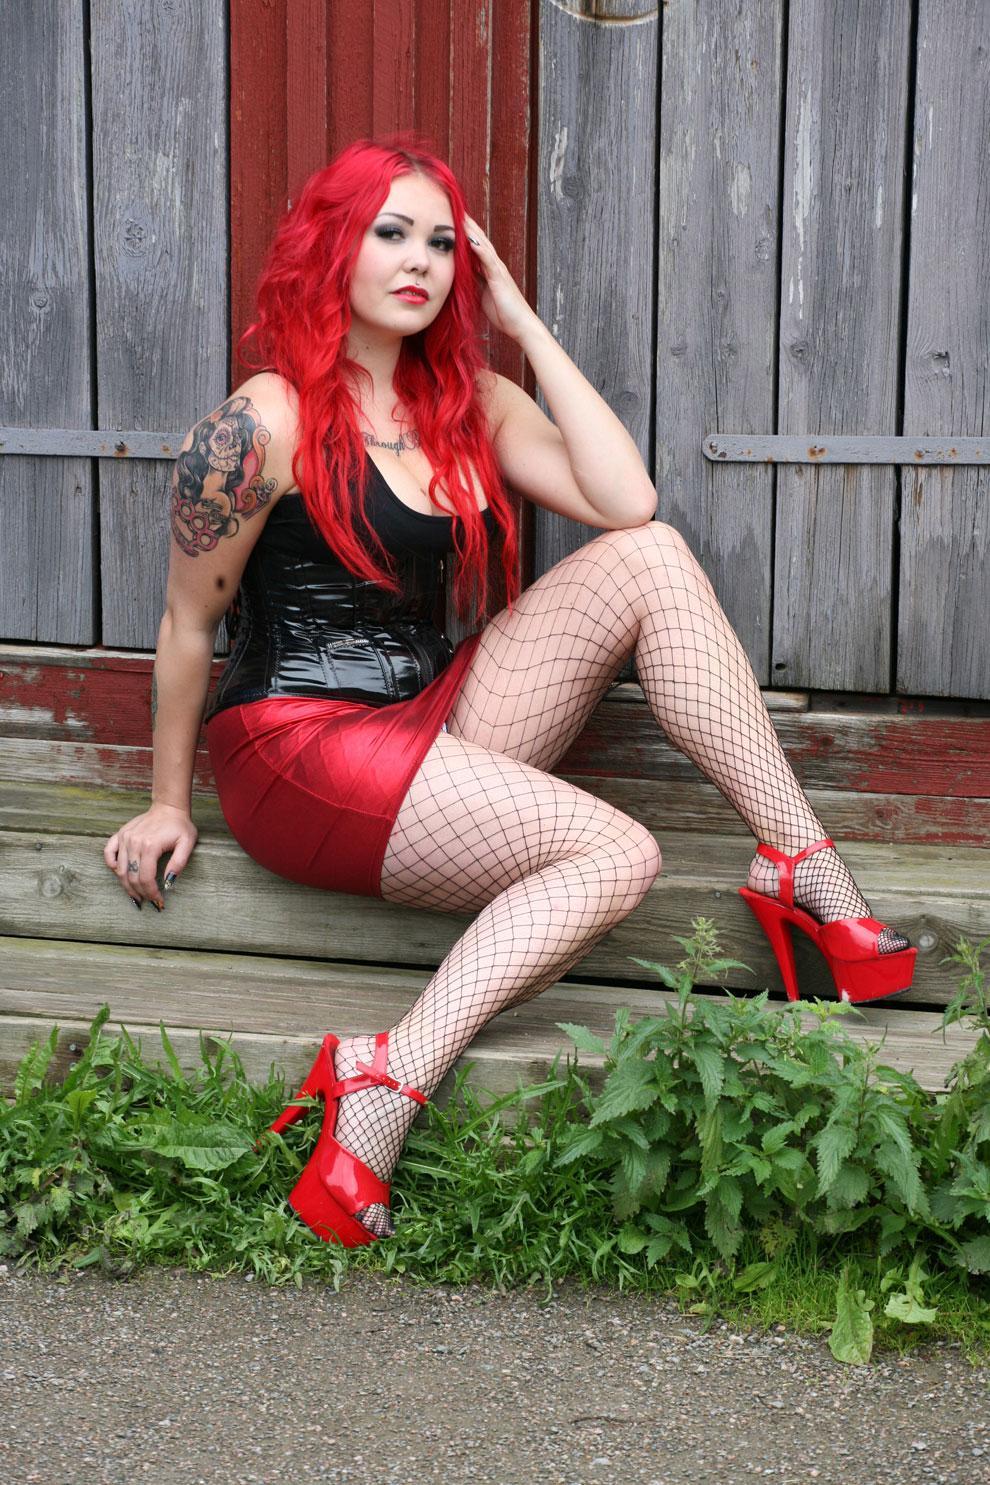 Rock Model Laura Hyrkkö esittelee tyylinsä - seksikäs kuvagalleria!